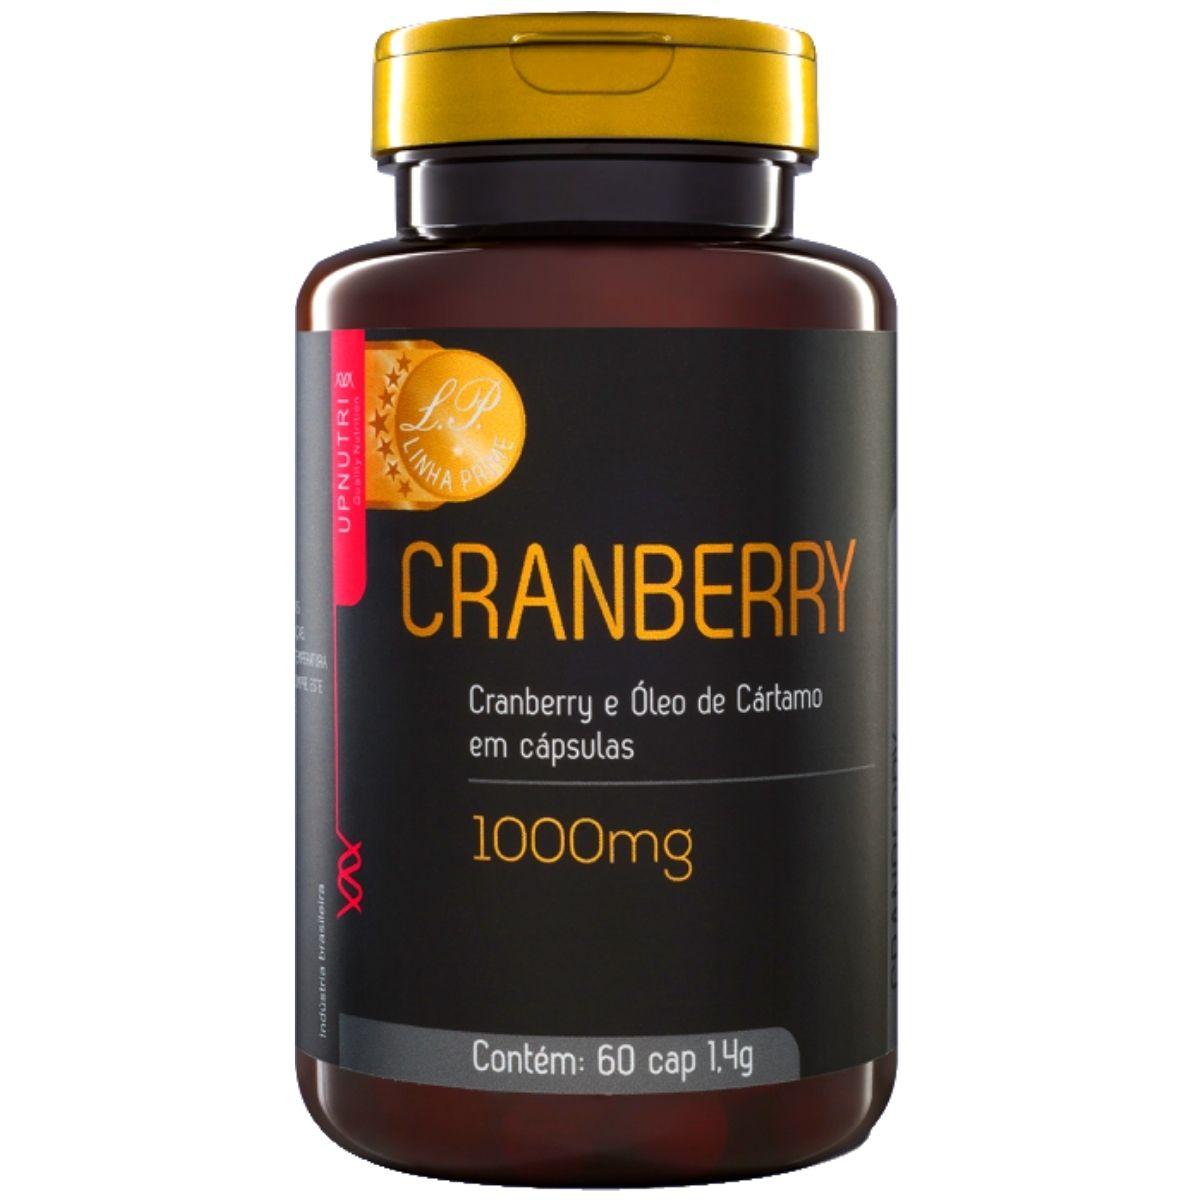 Cranberry e Óleo de Cártamo 1000mg 60 Cápsulas - Upnutri Prime